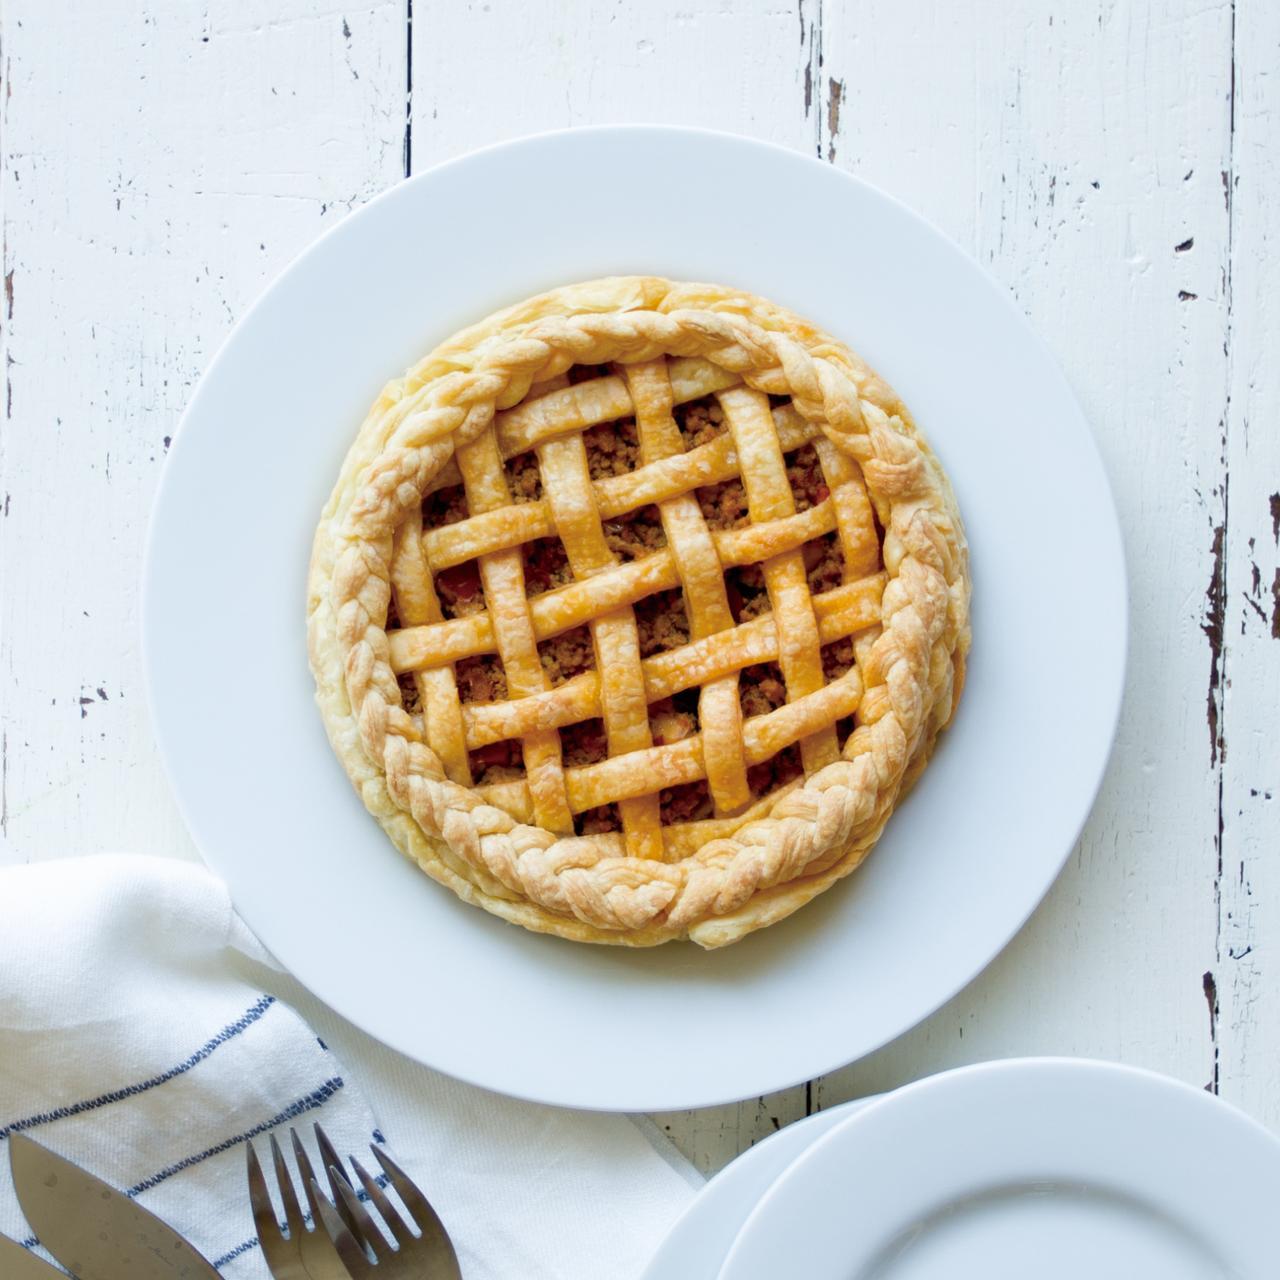 画像: 商品説明:サクサクのパイ生地にホワイトソースとたっぷりの野菜のミートソースを詰めました。 お好みでパイ生地を三つ編みに飾り付けると食卓がより華やかに。 価格/規格: 1,880円(税抜) 3-4人前 www.oisix.com